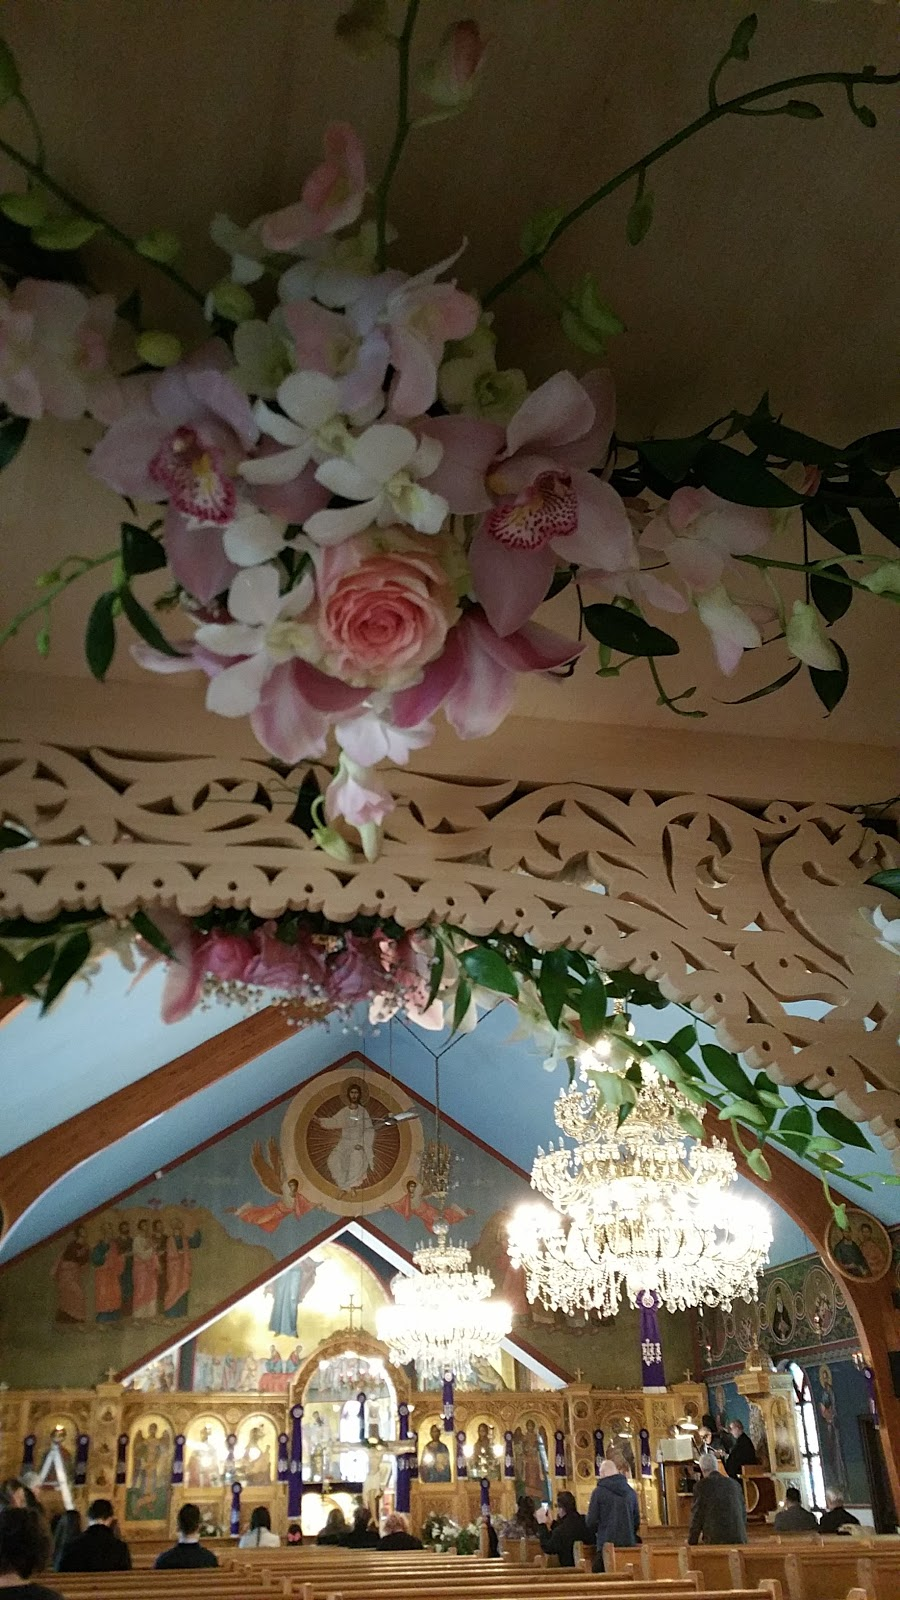 St Nicholas Church | church | 3780 Chemin du Souvenir, Laval, QC H7V 1Y3, Canada | 4509733480 OR +1 450-973-3480